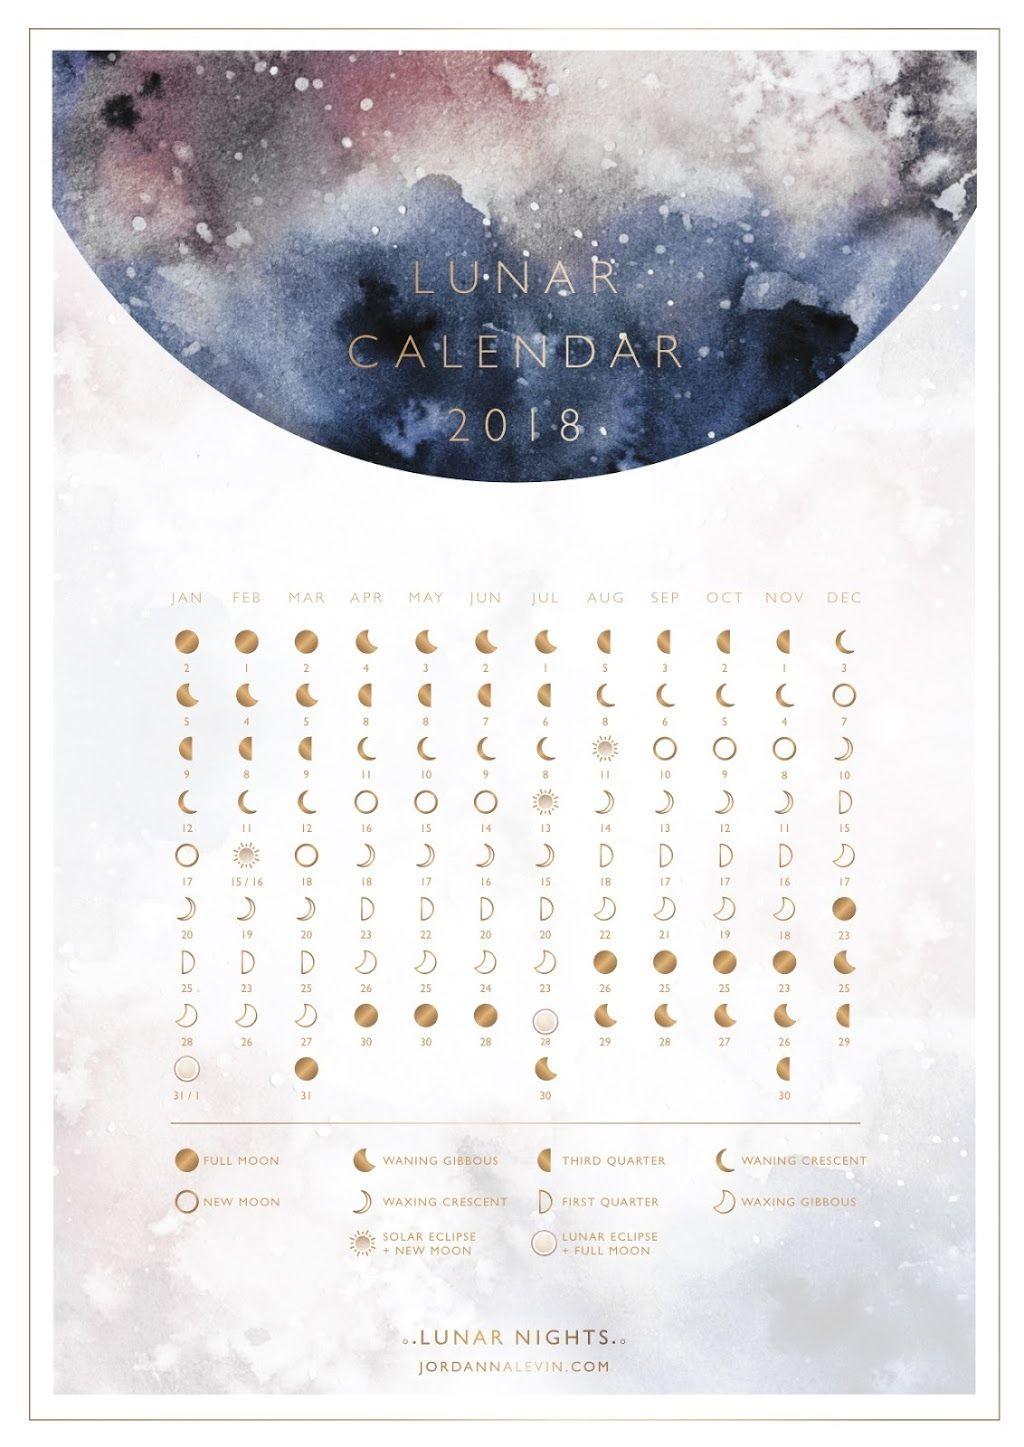 Homemade Calendar 2018 : Lunar calendar calendario lunare del homemade